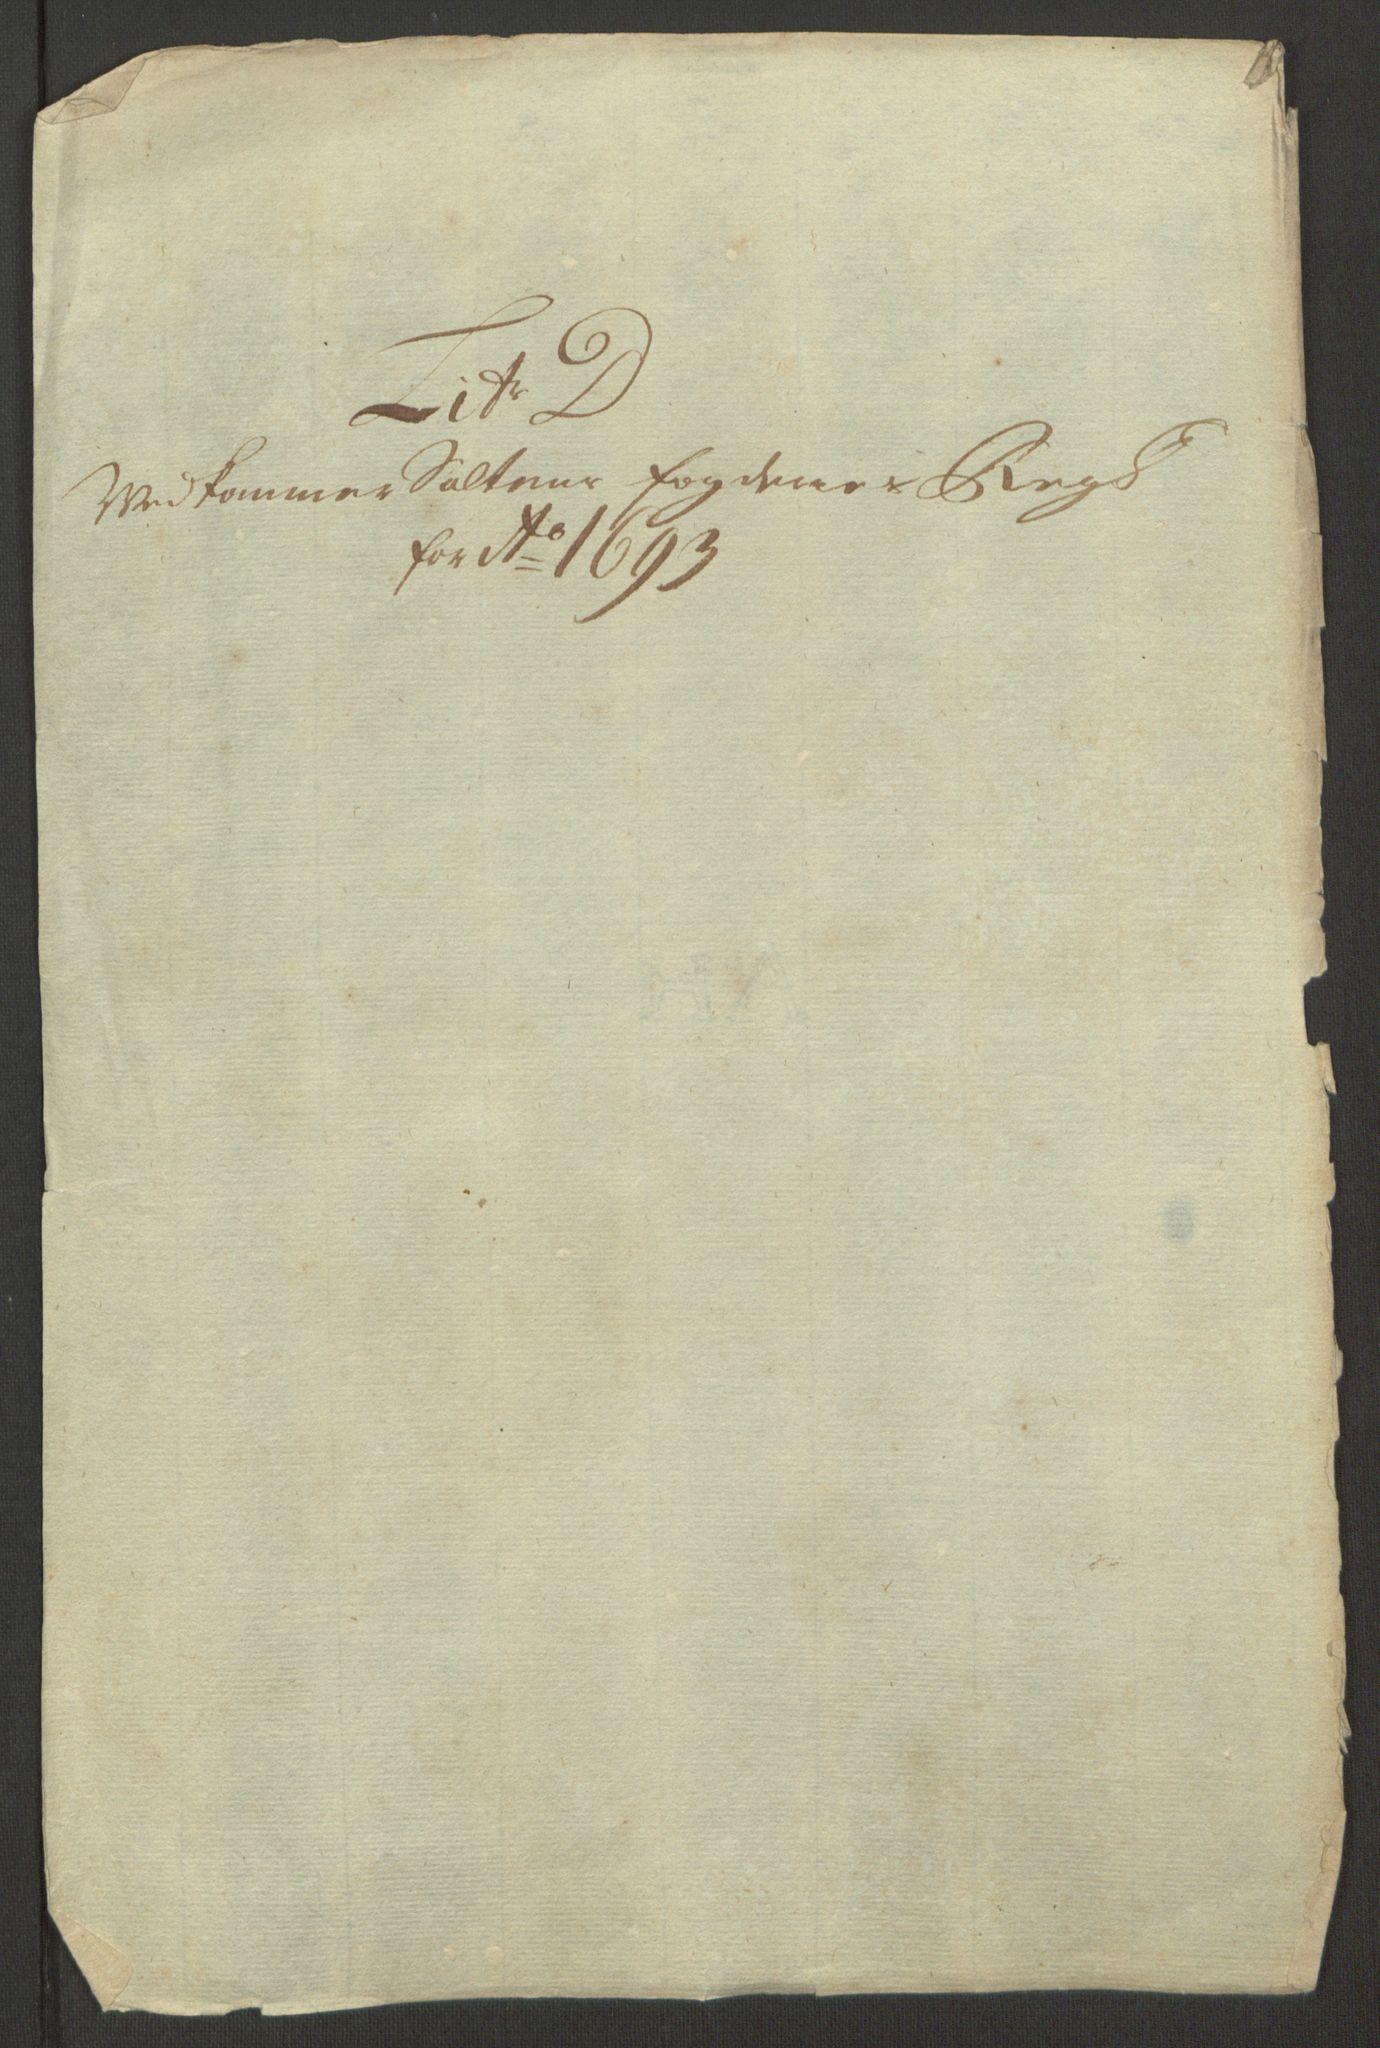 RA, Rentekammeret inntil 1814, Reviderte regnskaper, Fogderegnskap, R66/L4577: Fogderegnskap Salten, 1691-1693, s. 321